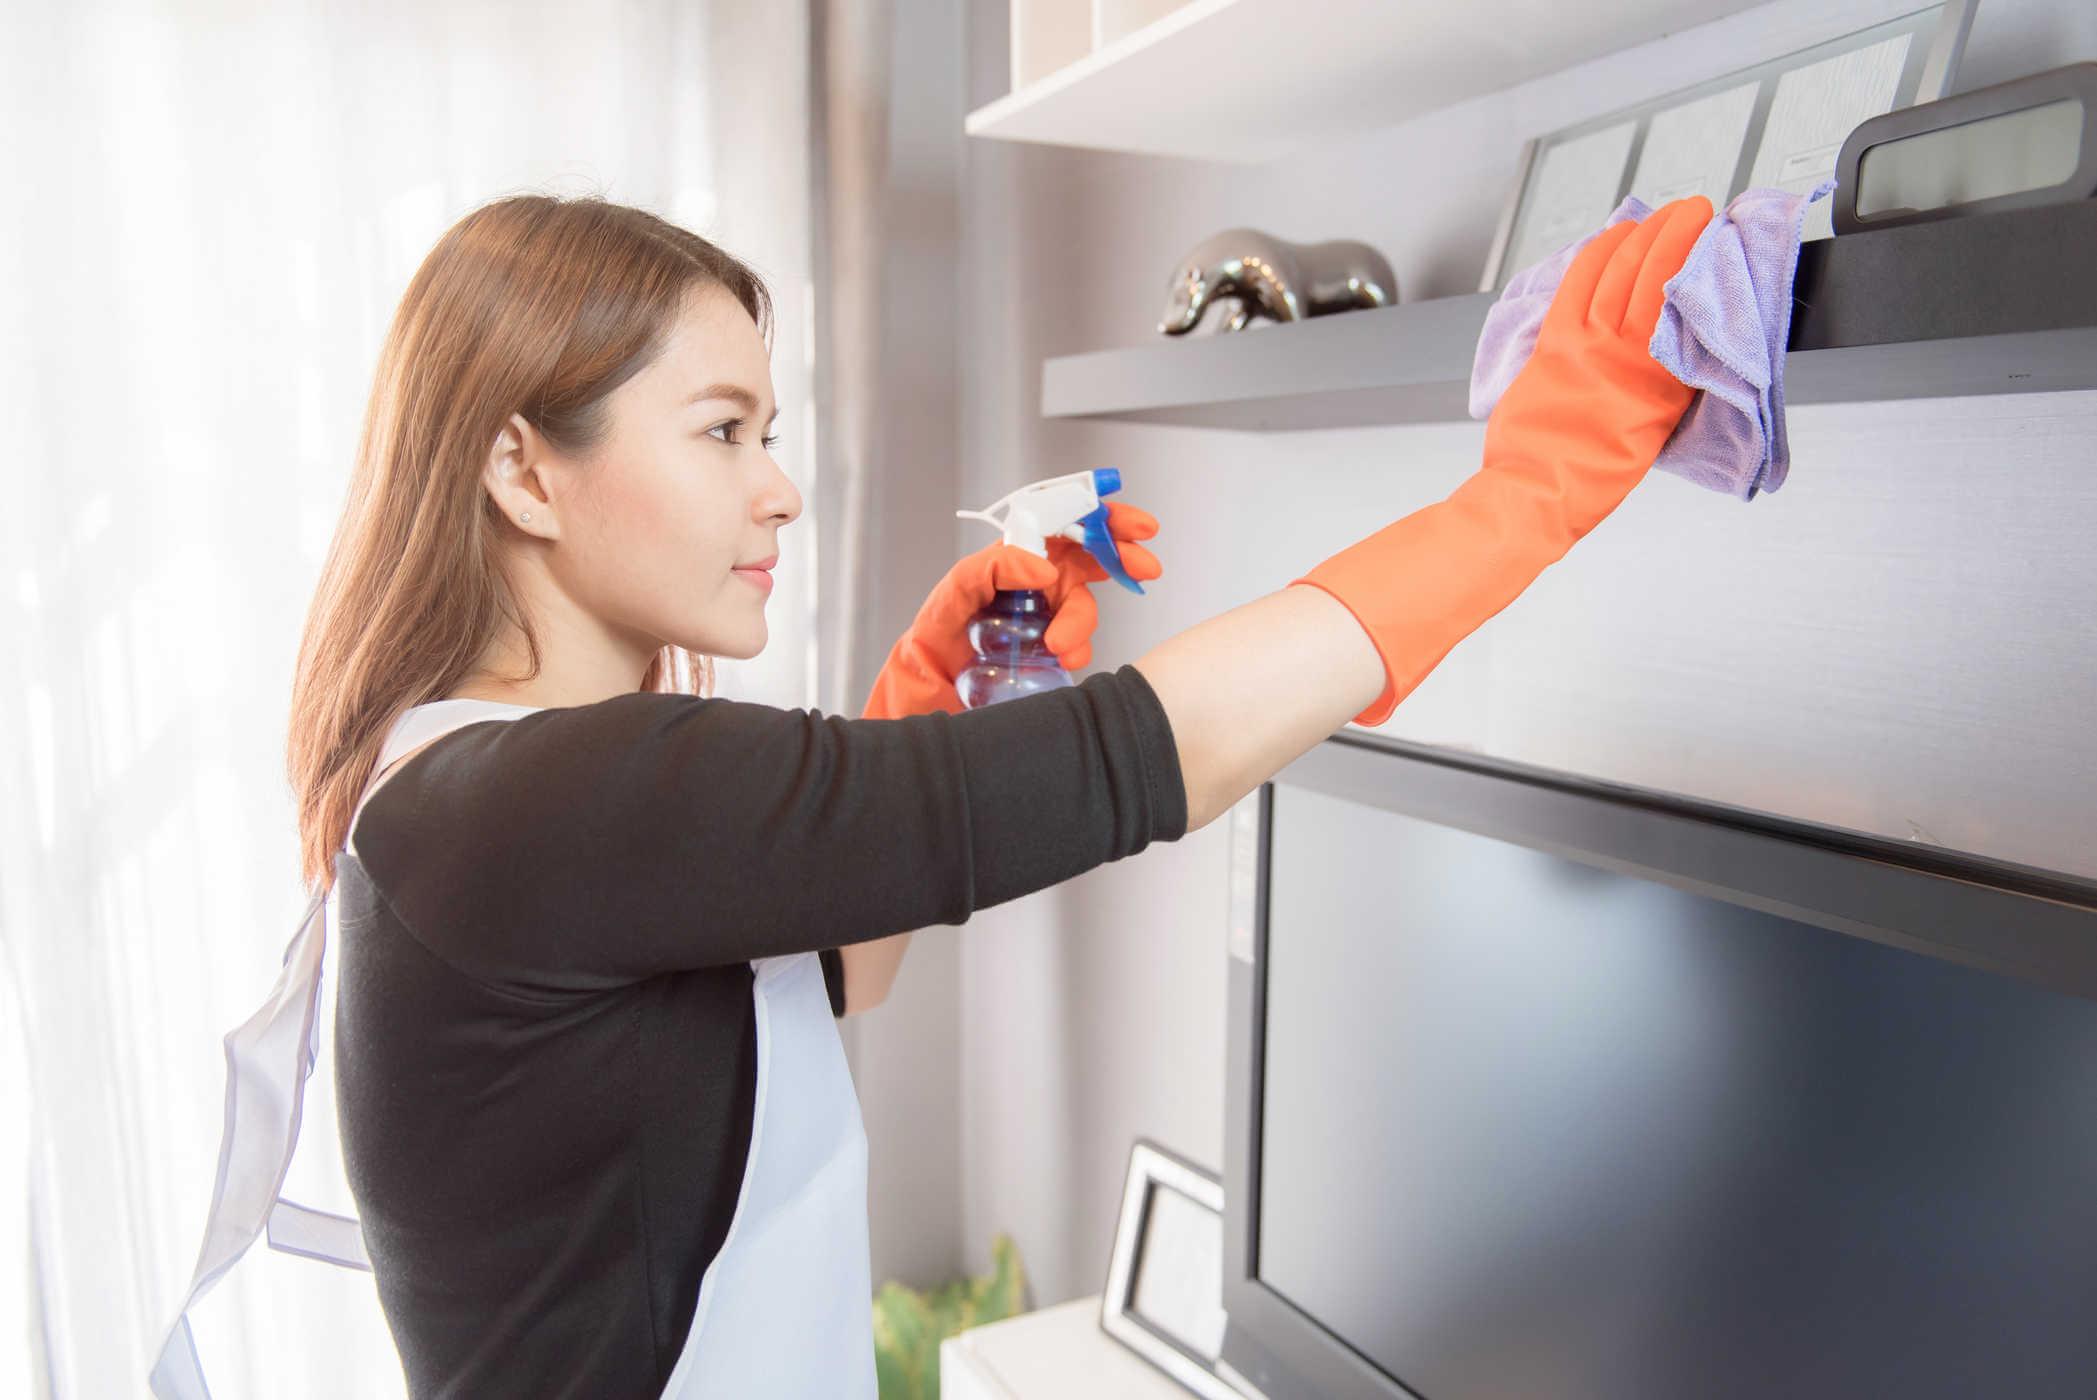 Làm thế nào để làm sạch và khử trùng hiệu quả ngôi nhà của bạn